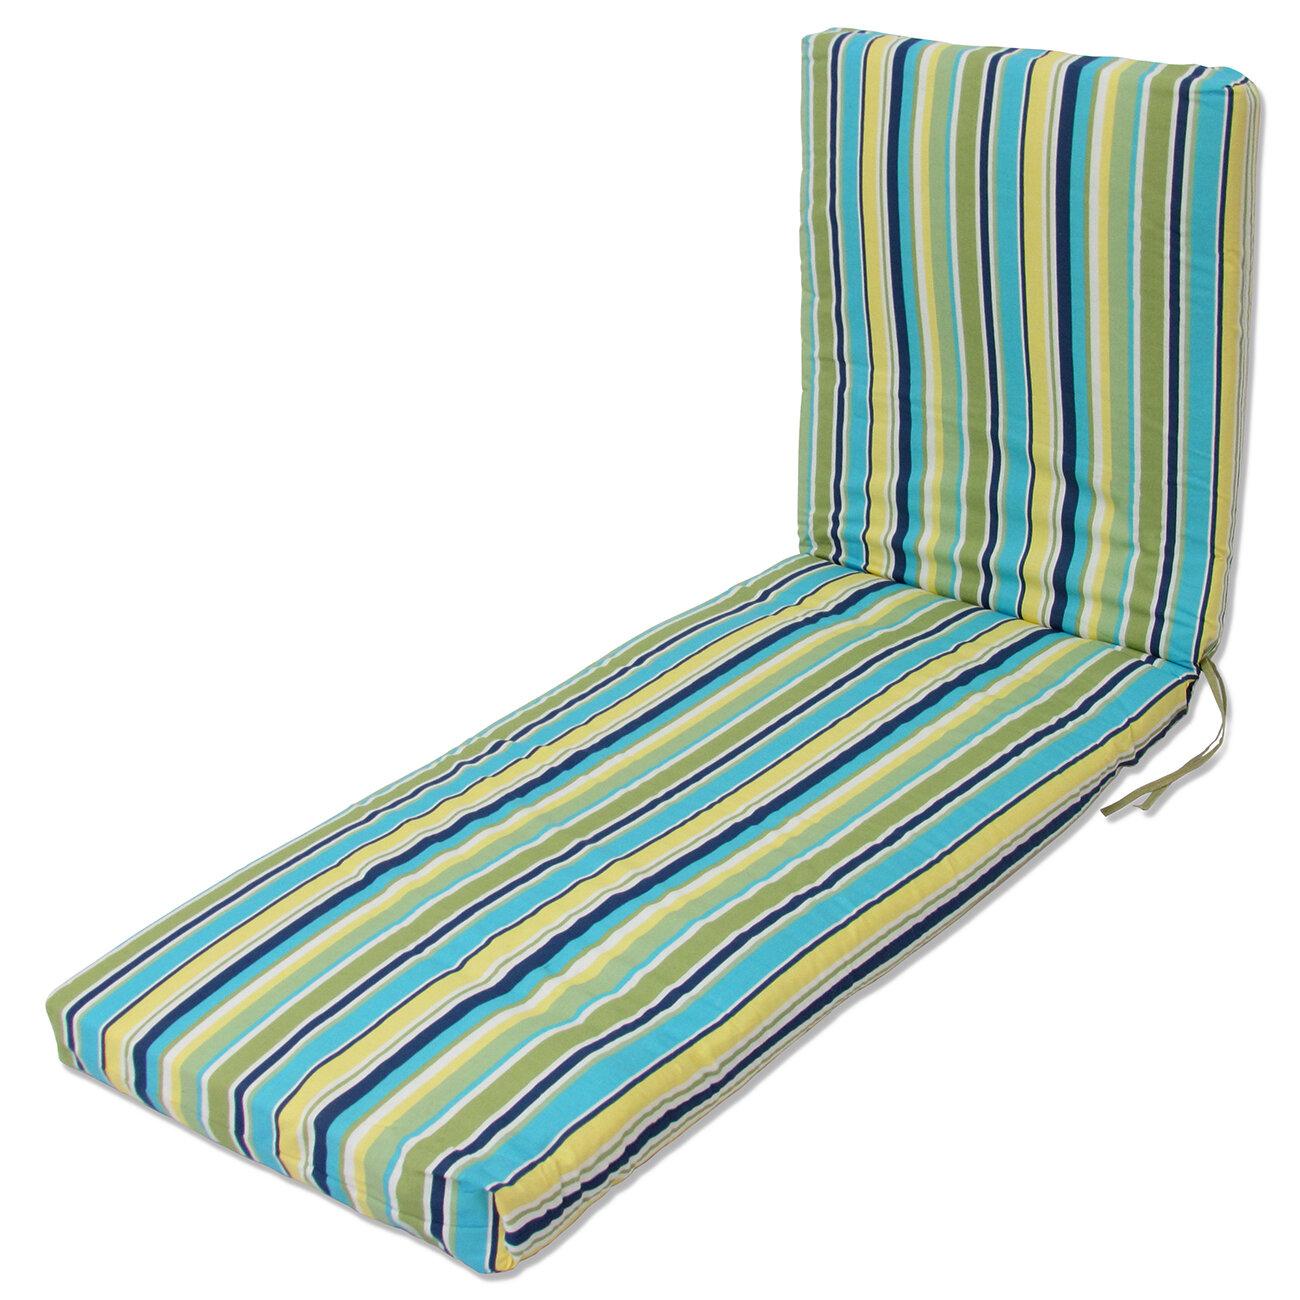 La Chaise Longue Billard coussin de chaise longue intérieur / extérieur